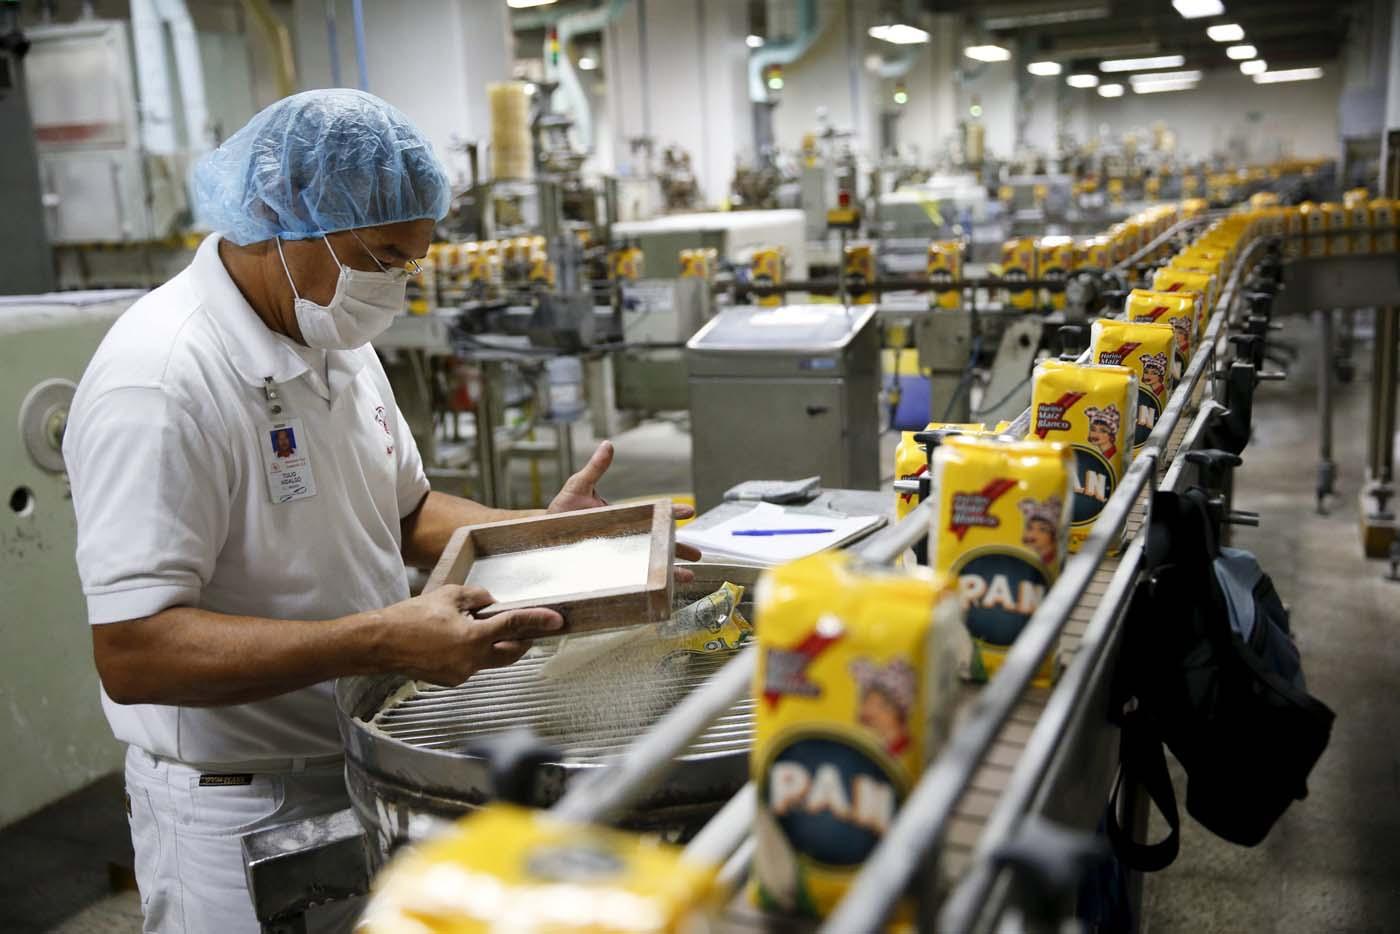 Inflación en Venezuela: La Industria nacional y las Empresas Privadas Vs. el Poder Popular Anarquista